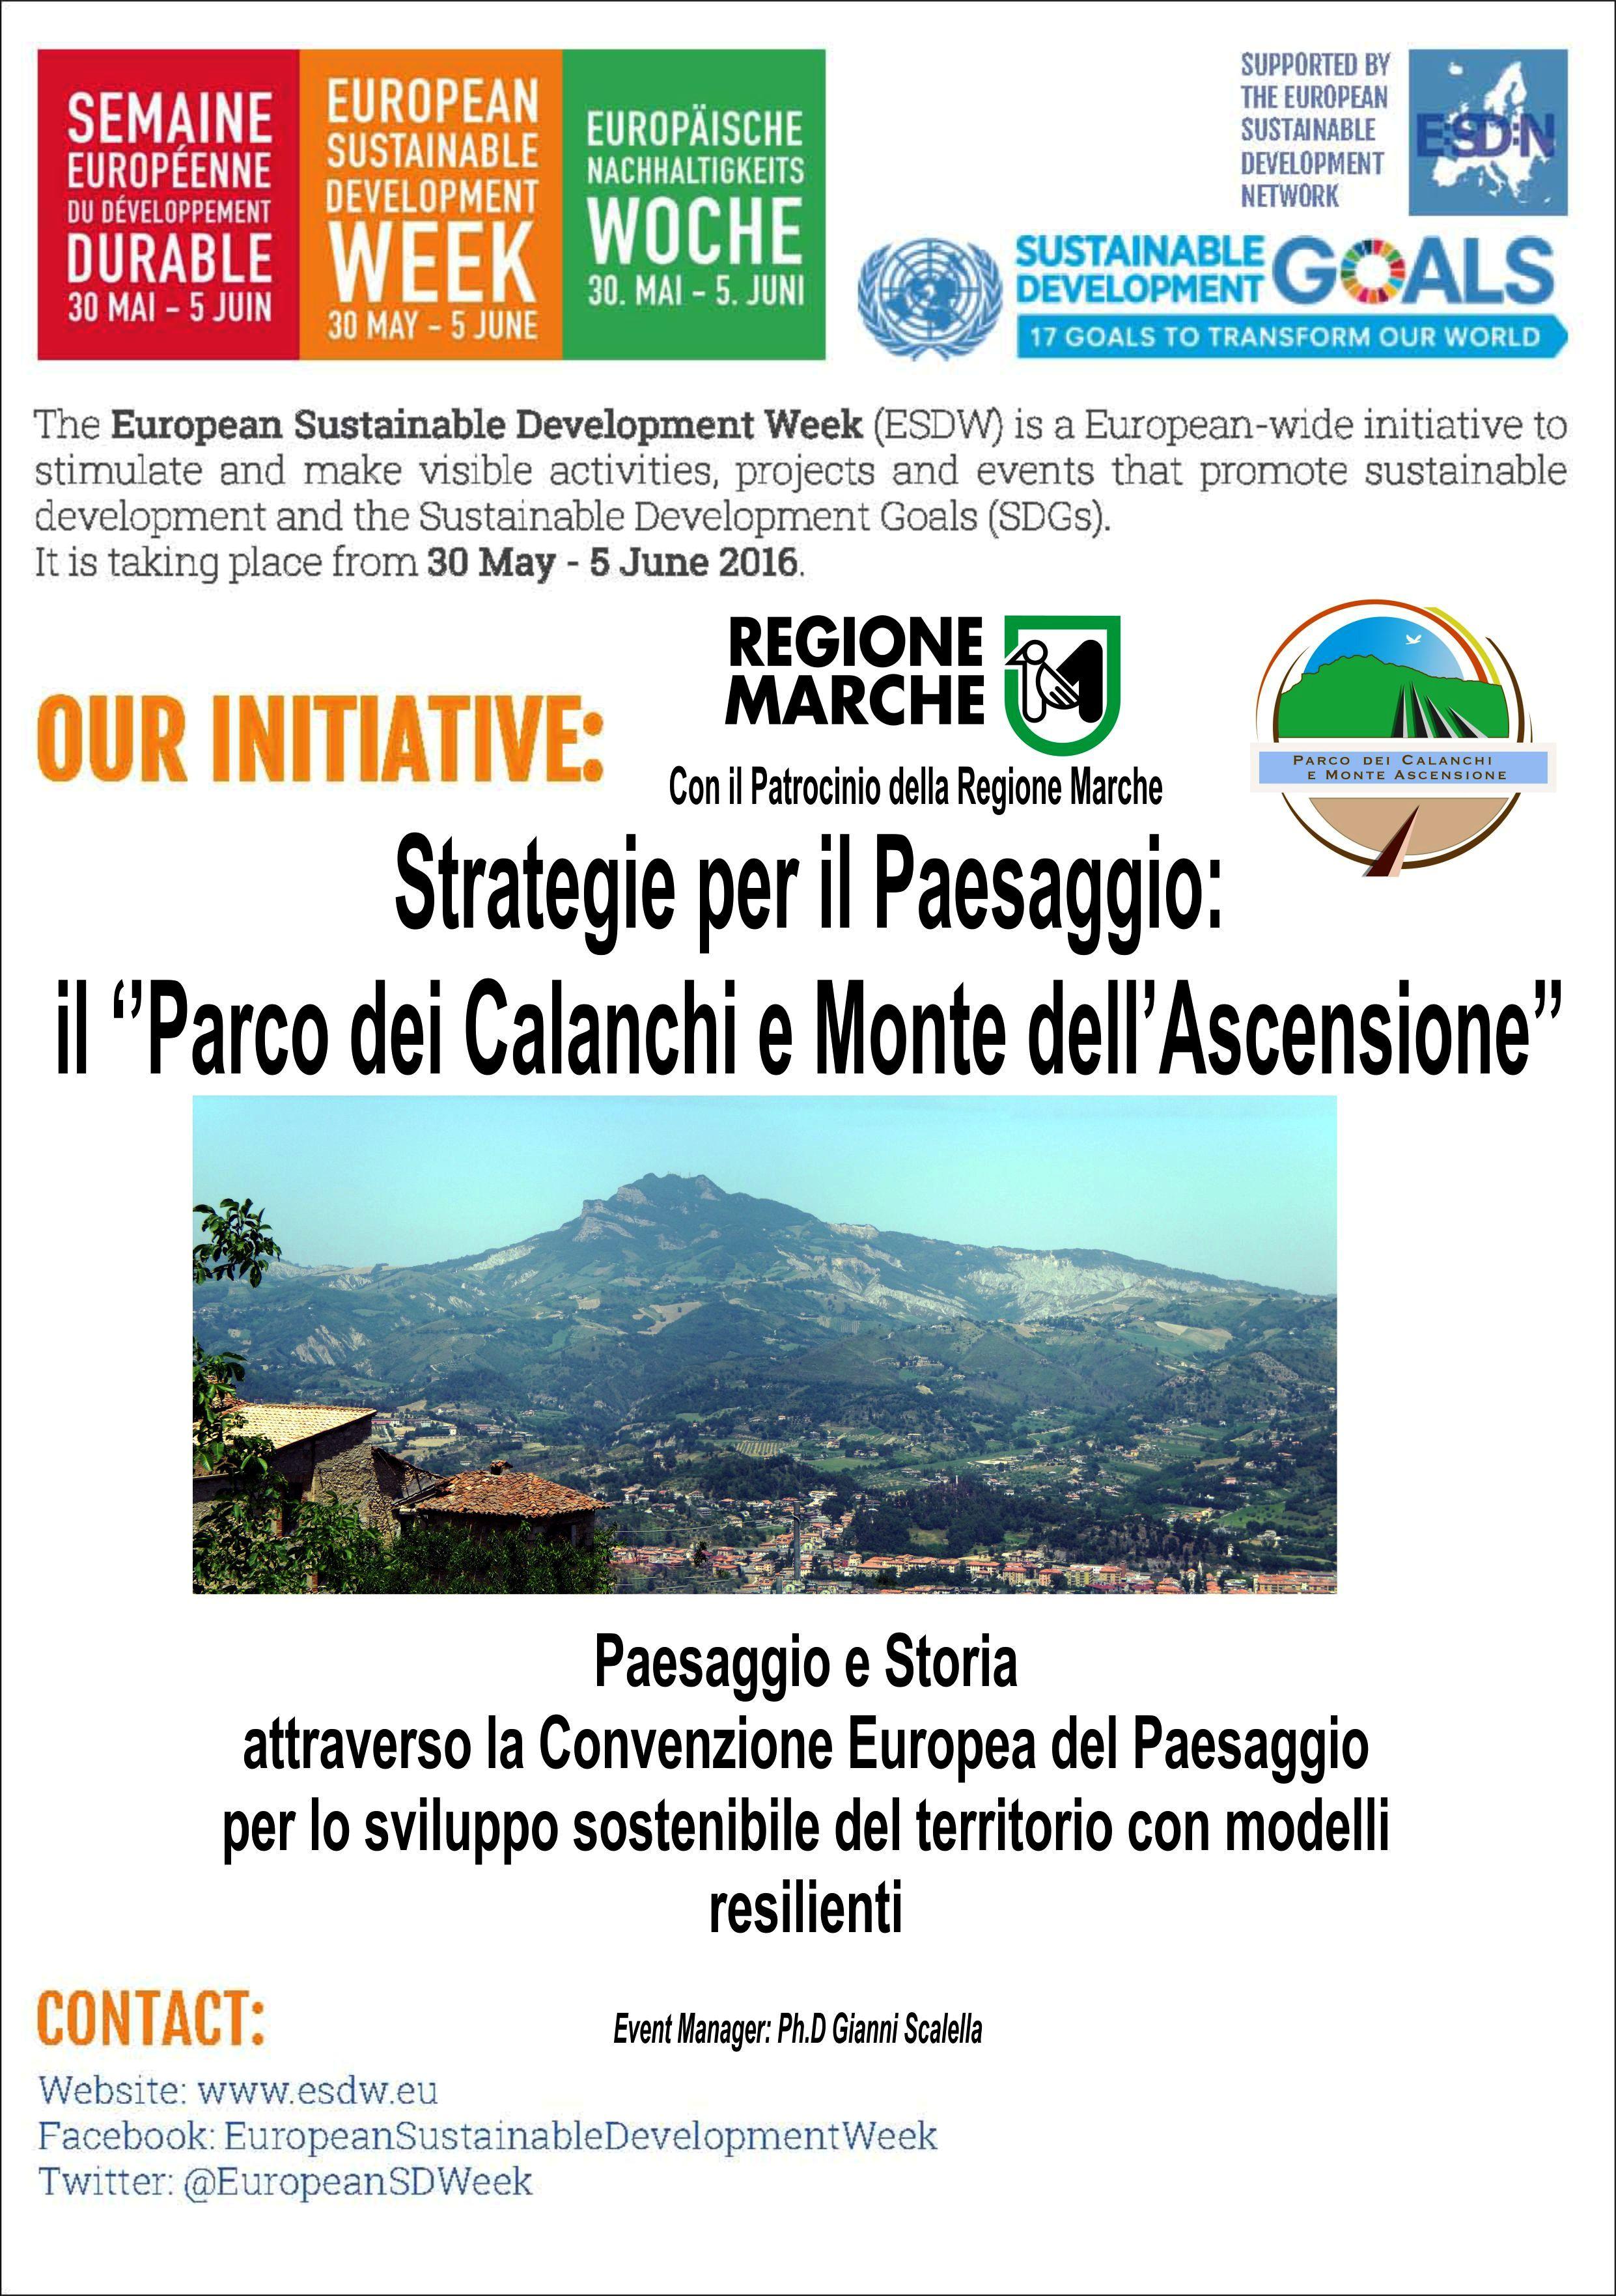 Parco dei Calanchi e Monte Ascensione - Settimana Europea Sviluppo Sostenibile